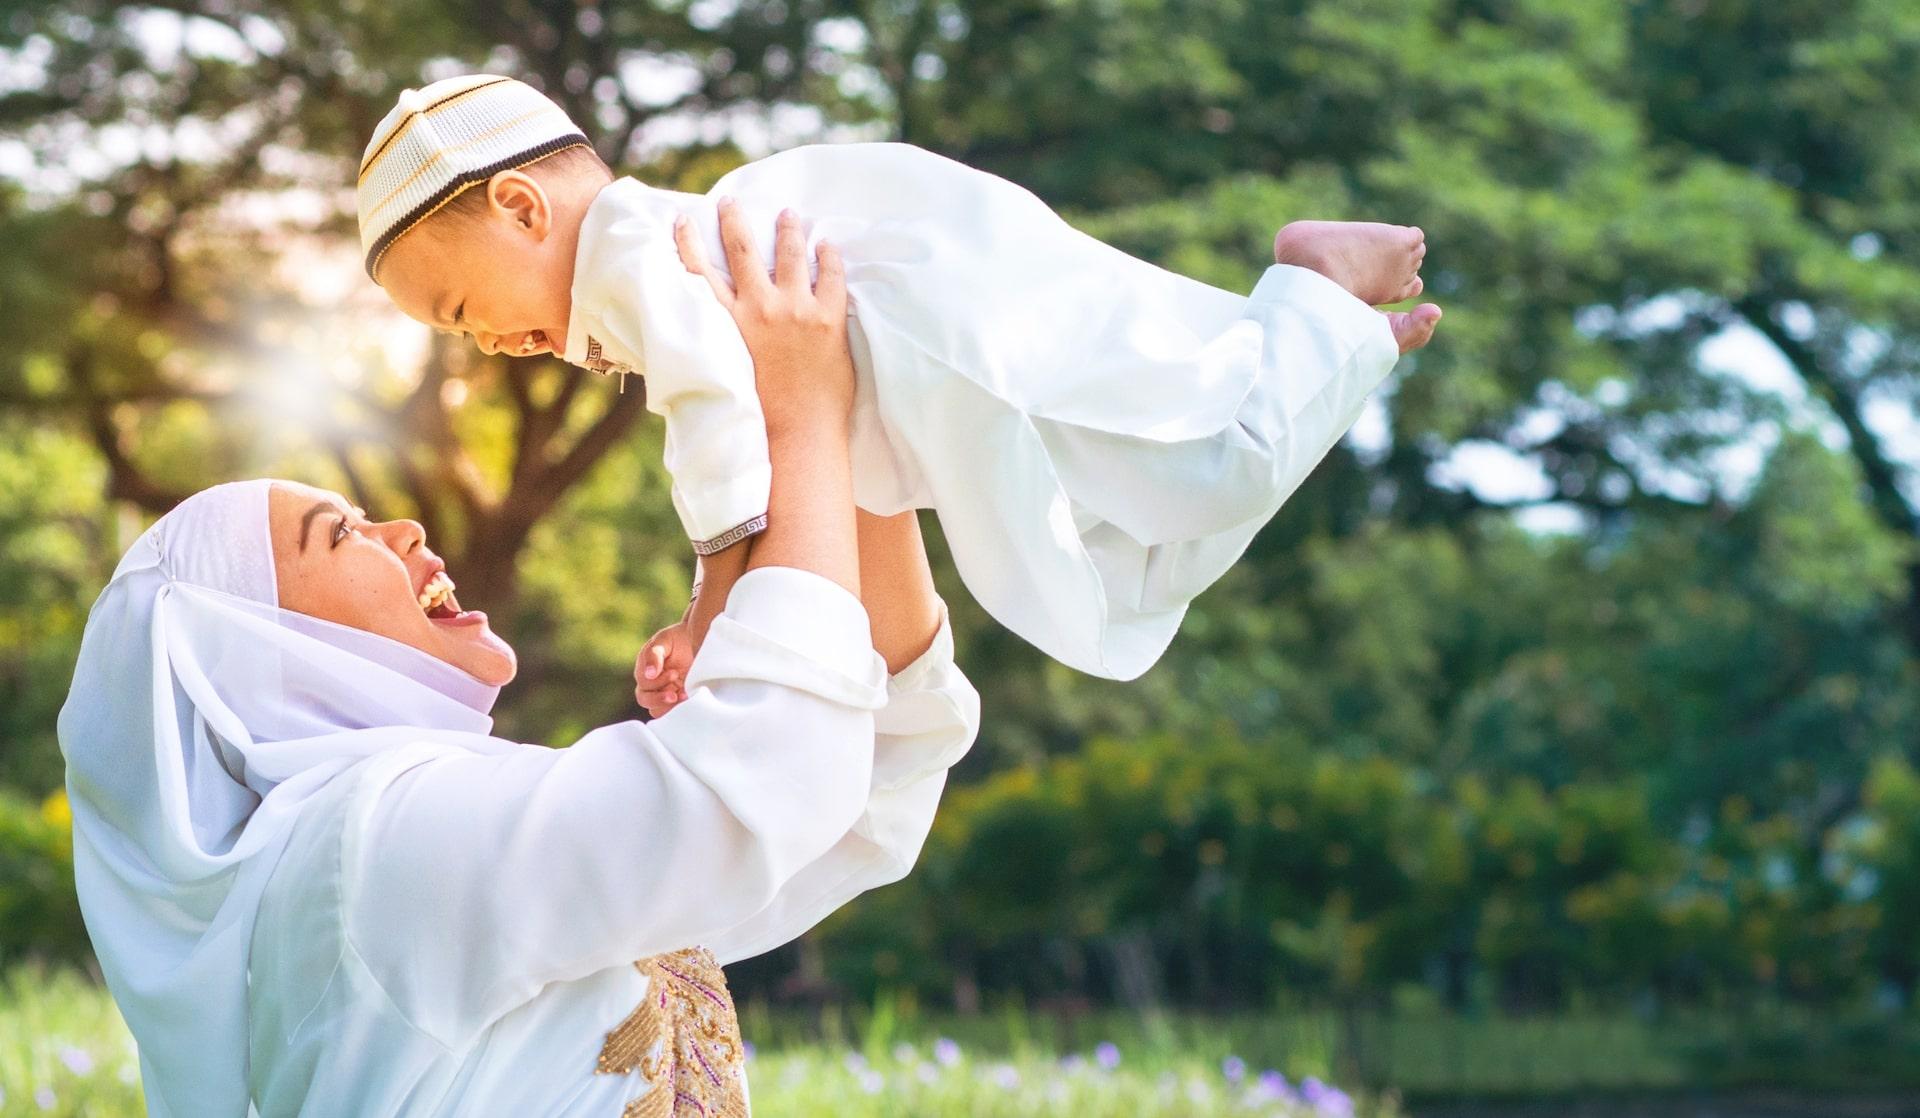 Hoe verbeter ik mijn zelfbeeld en dat van mijn kind?